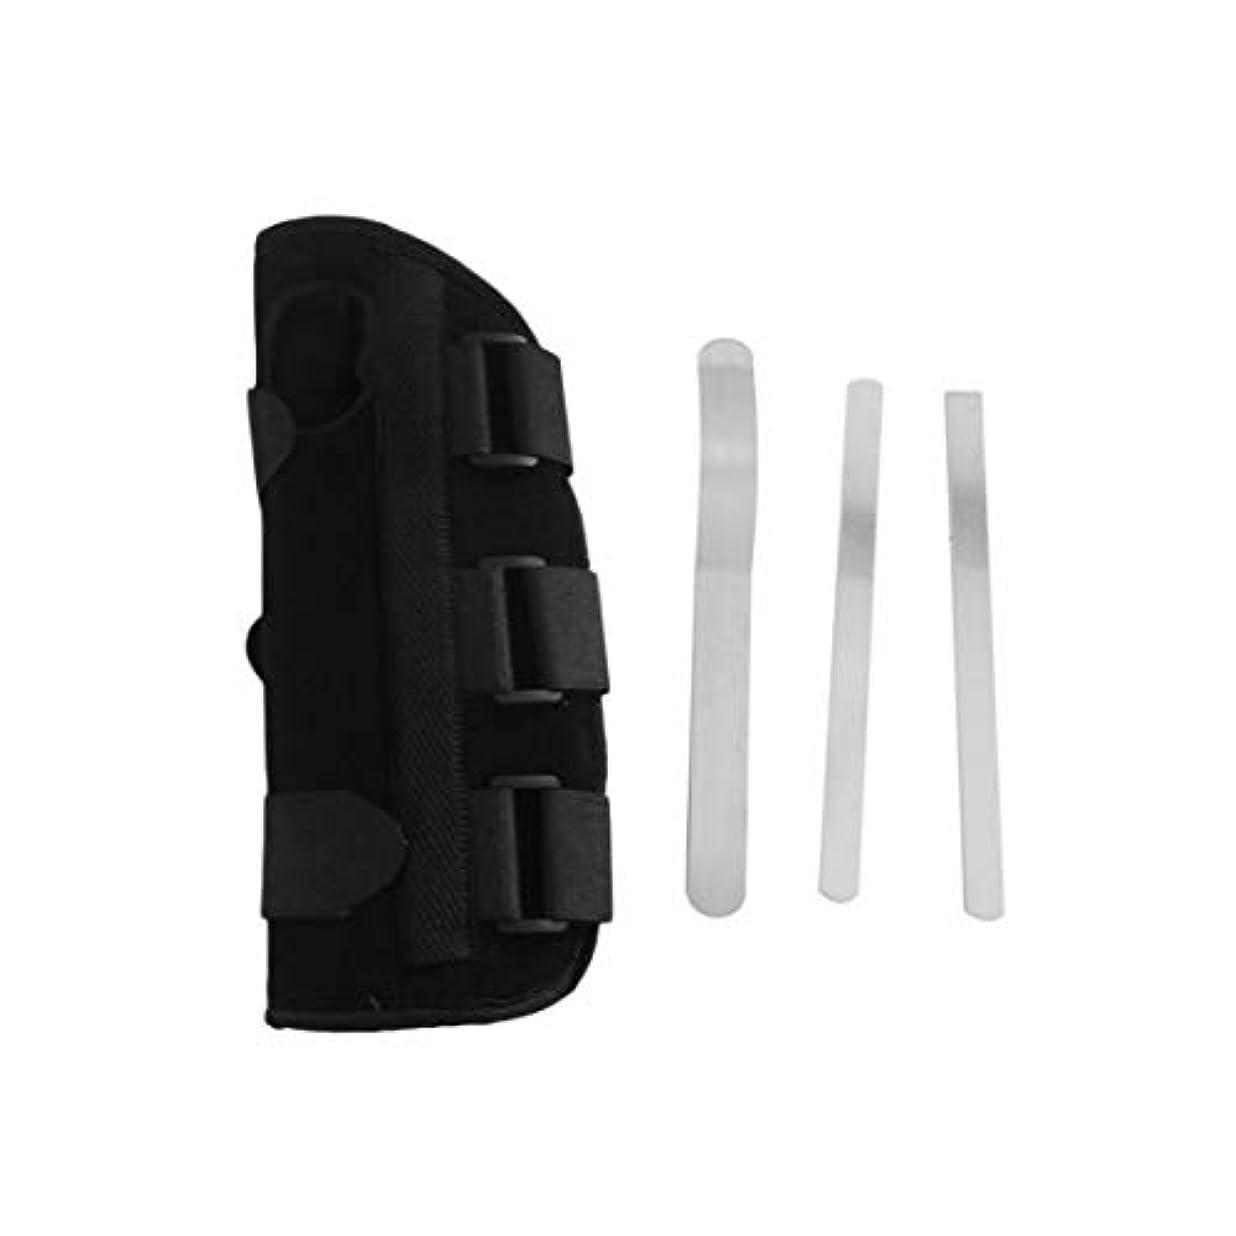 こっそりひらめき発生する手首副木ブレース保護サポートストラップカルペルトンネルCTS RSI痛み軽減リムーバブル副木快適な軽量ストラップ - ブラックM